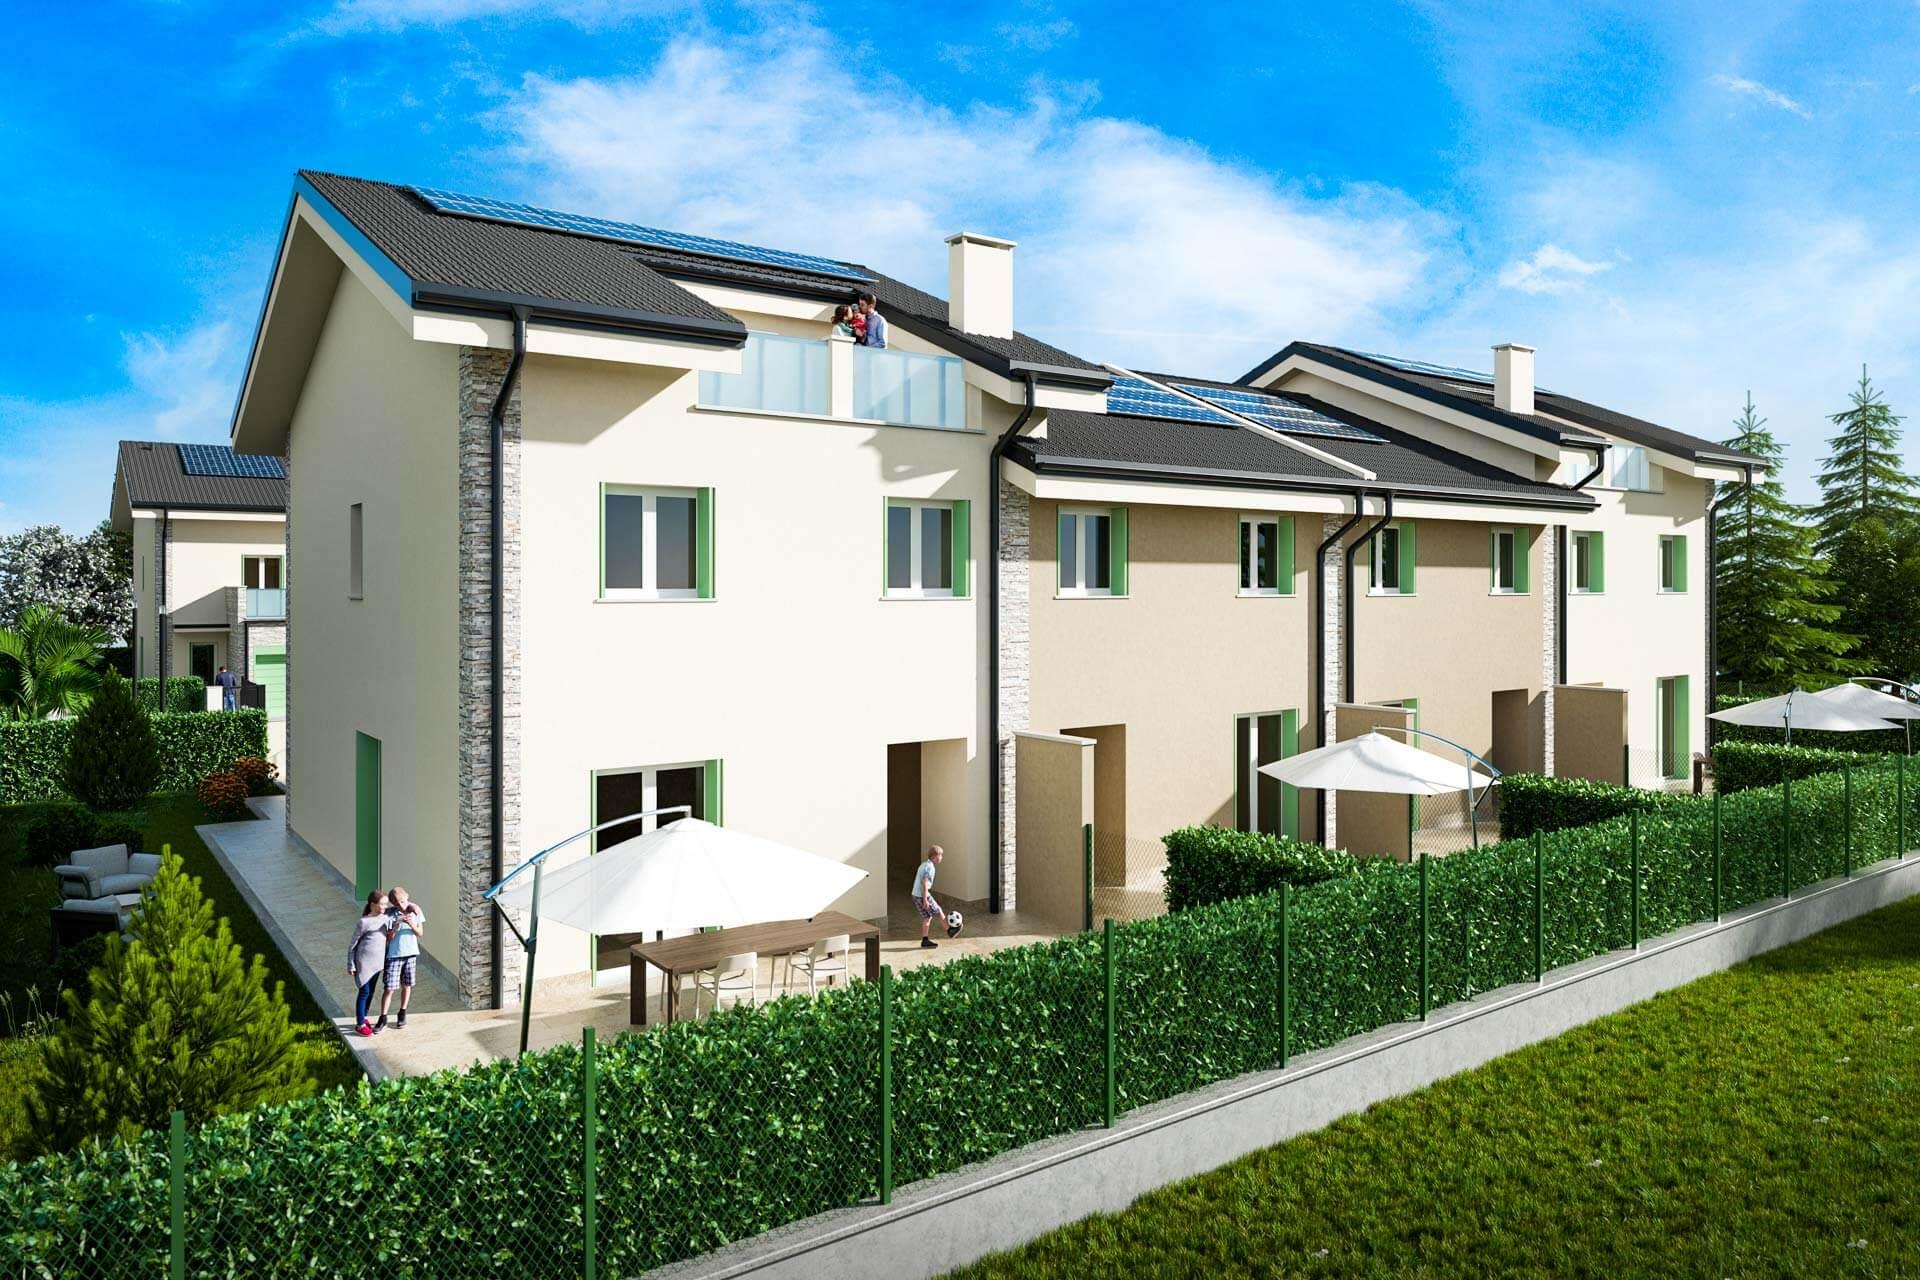 Nuove-Ville-risparmio-energetico-Carpi-CMB-Immobiliare